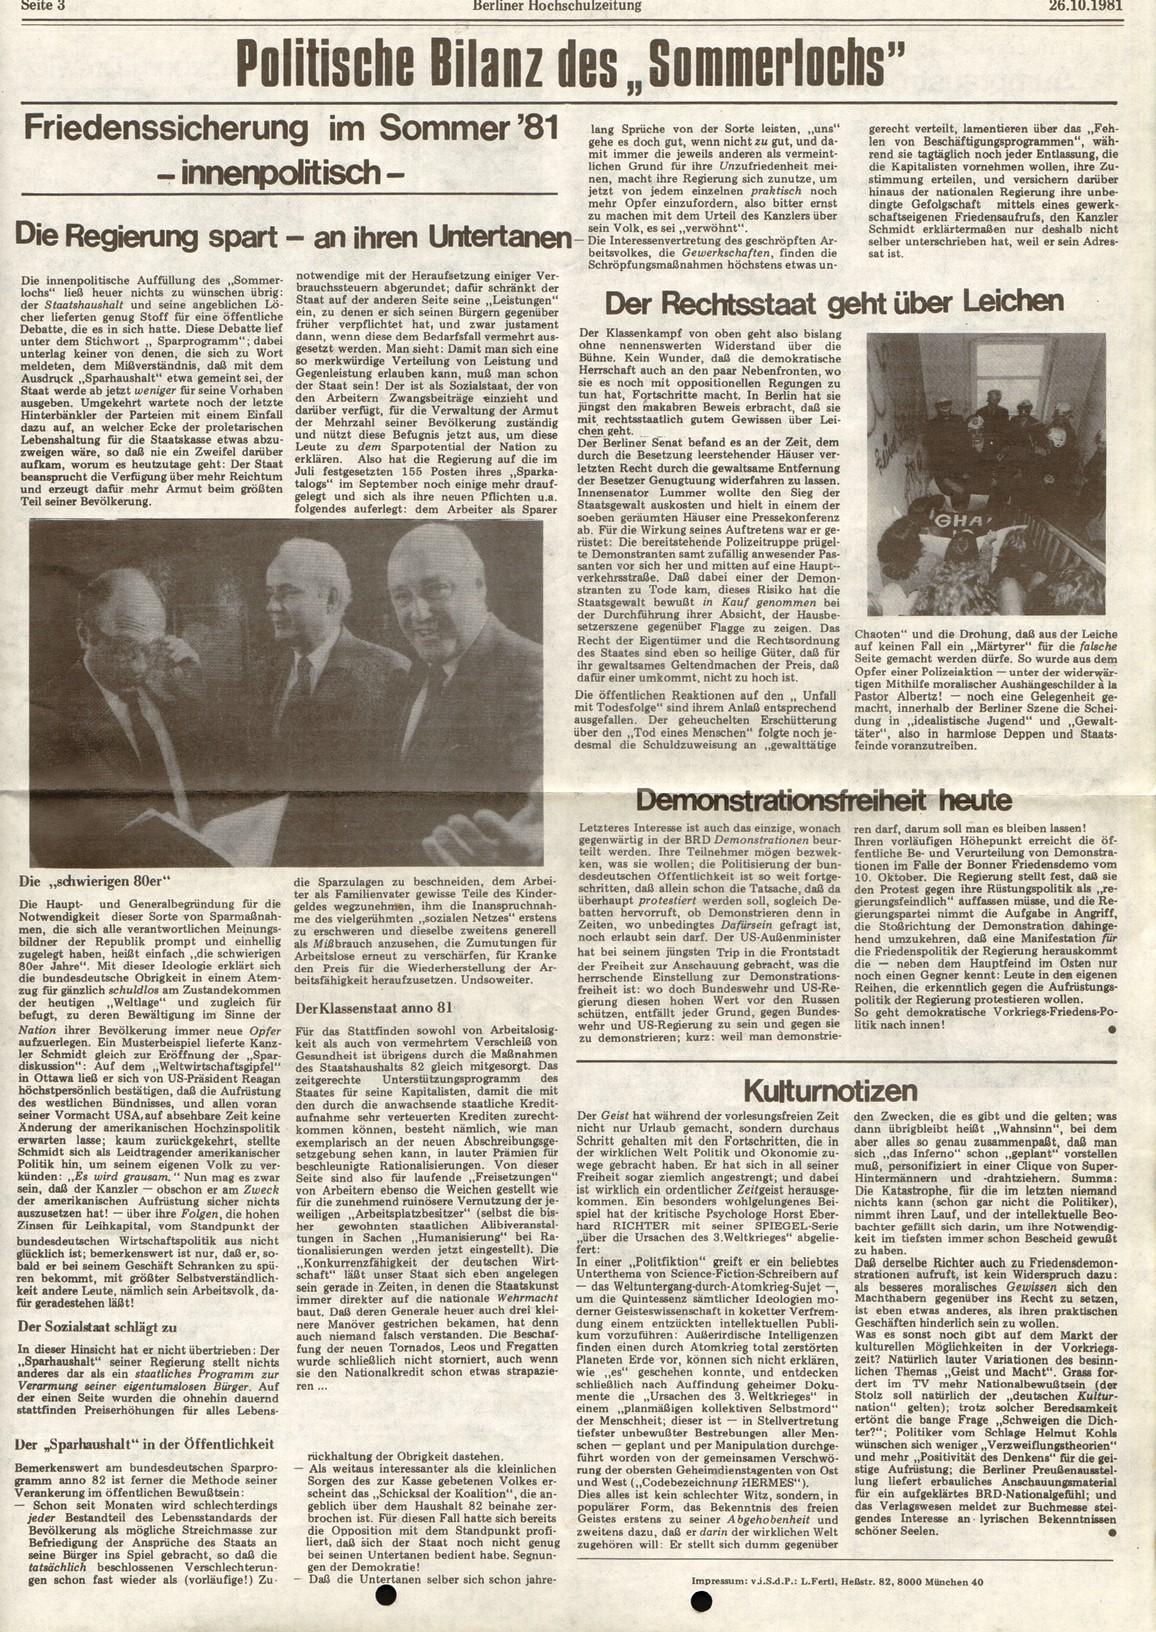 Berlin_MG_Hochschulzeitung_19811026_03